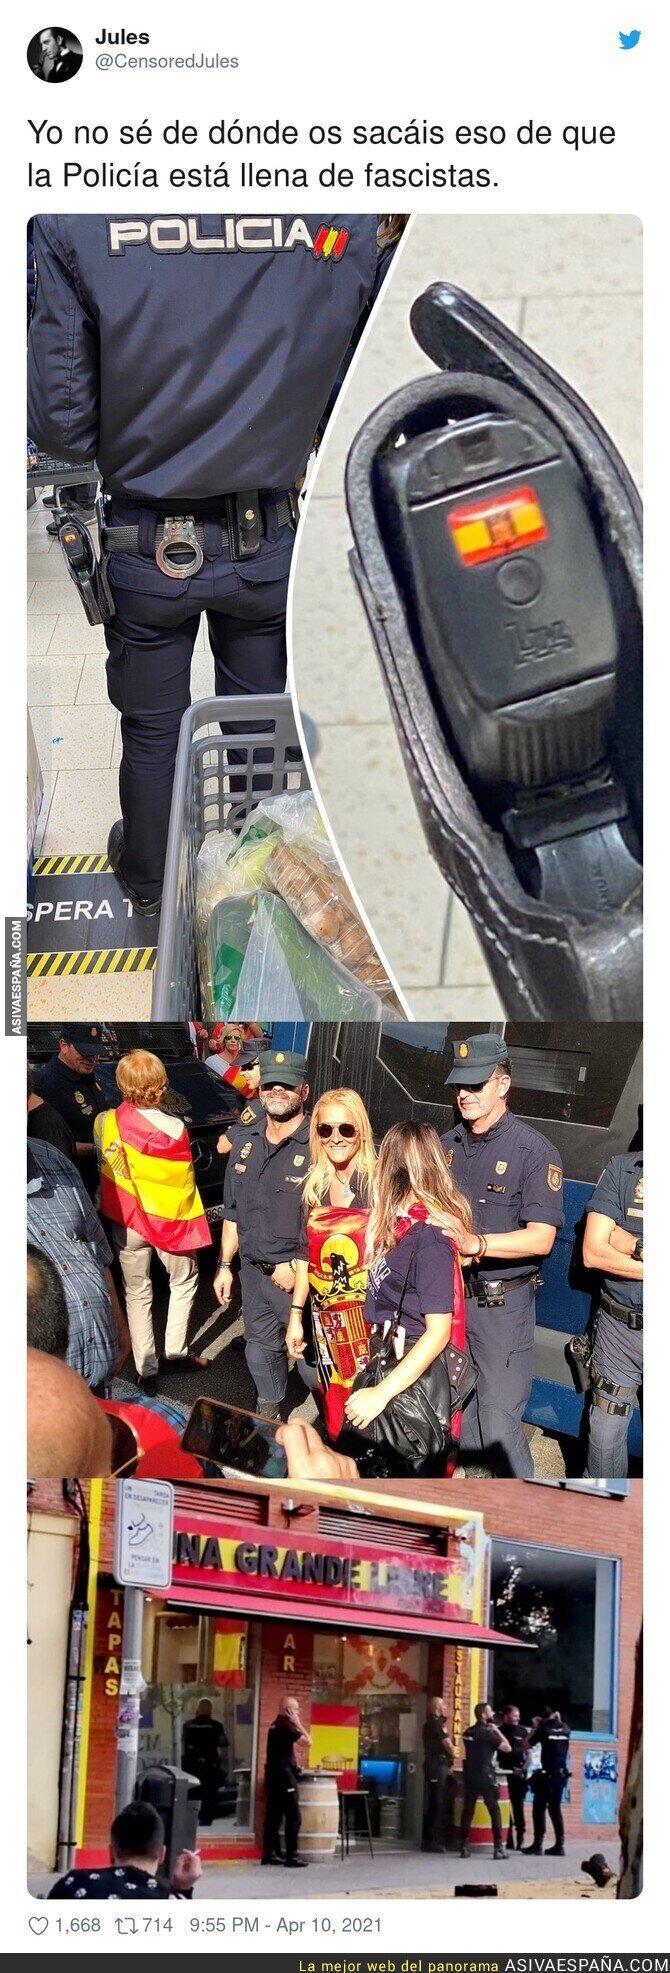 692594 - Hay que hacer una limpia importante en la policía